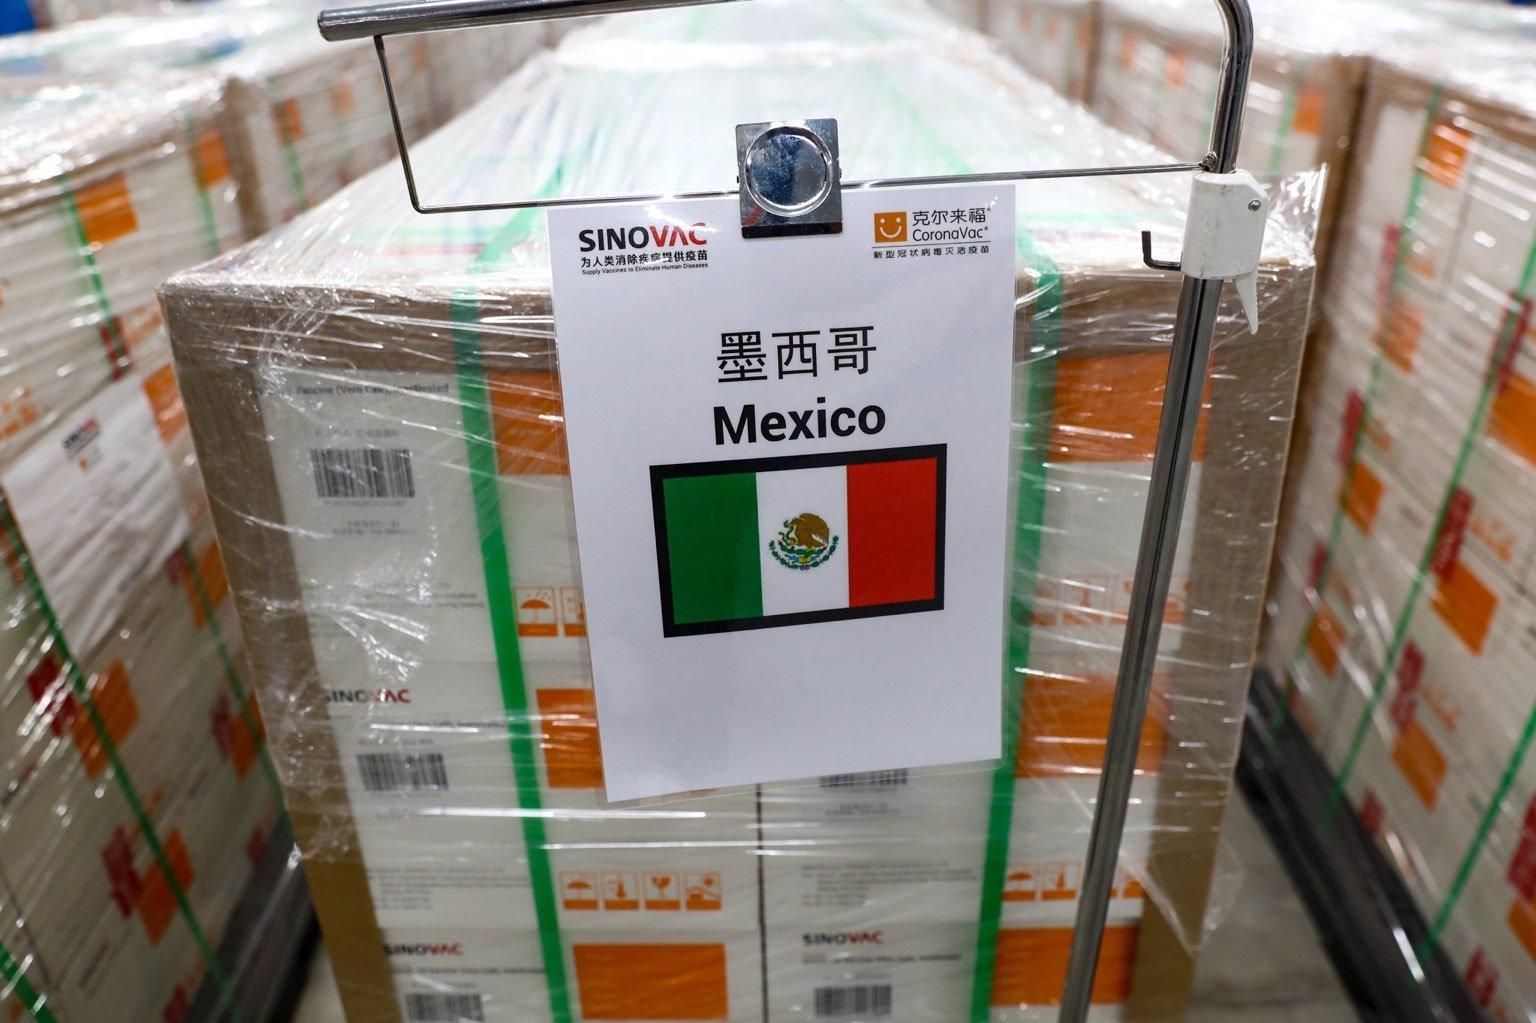 LLEGA A MÉXICO LOTE CON 500 MIL VACUNAS CORONAVAC CONTRA COVID